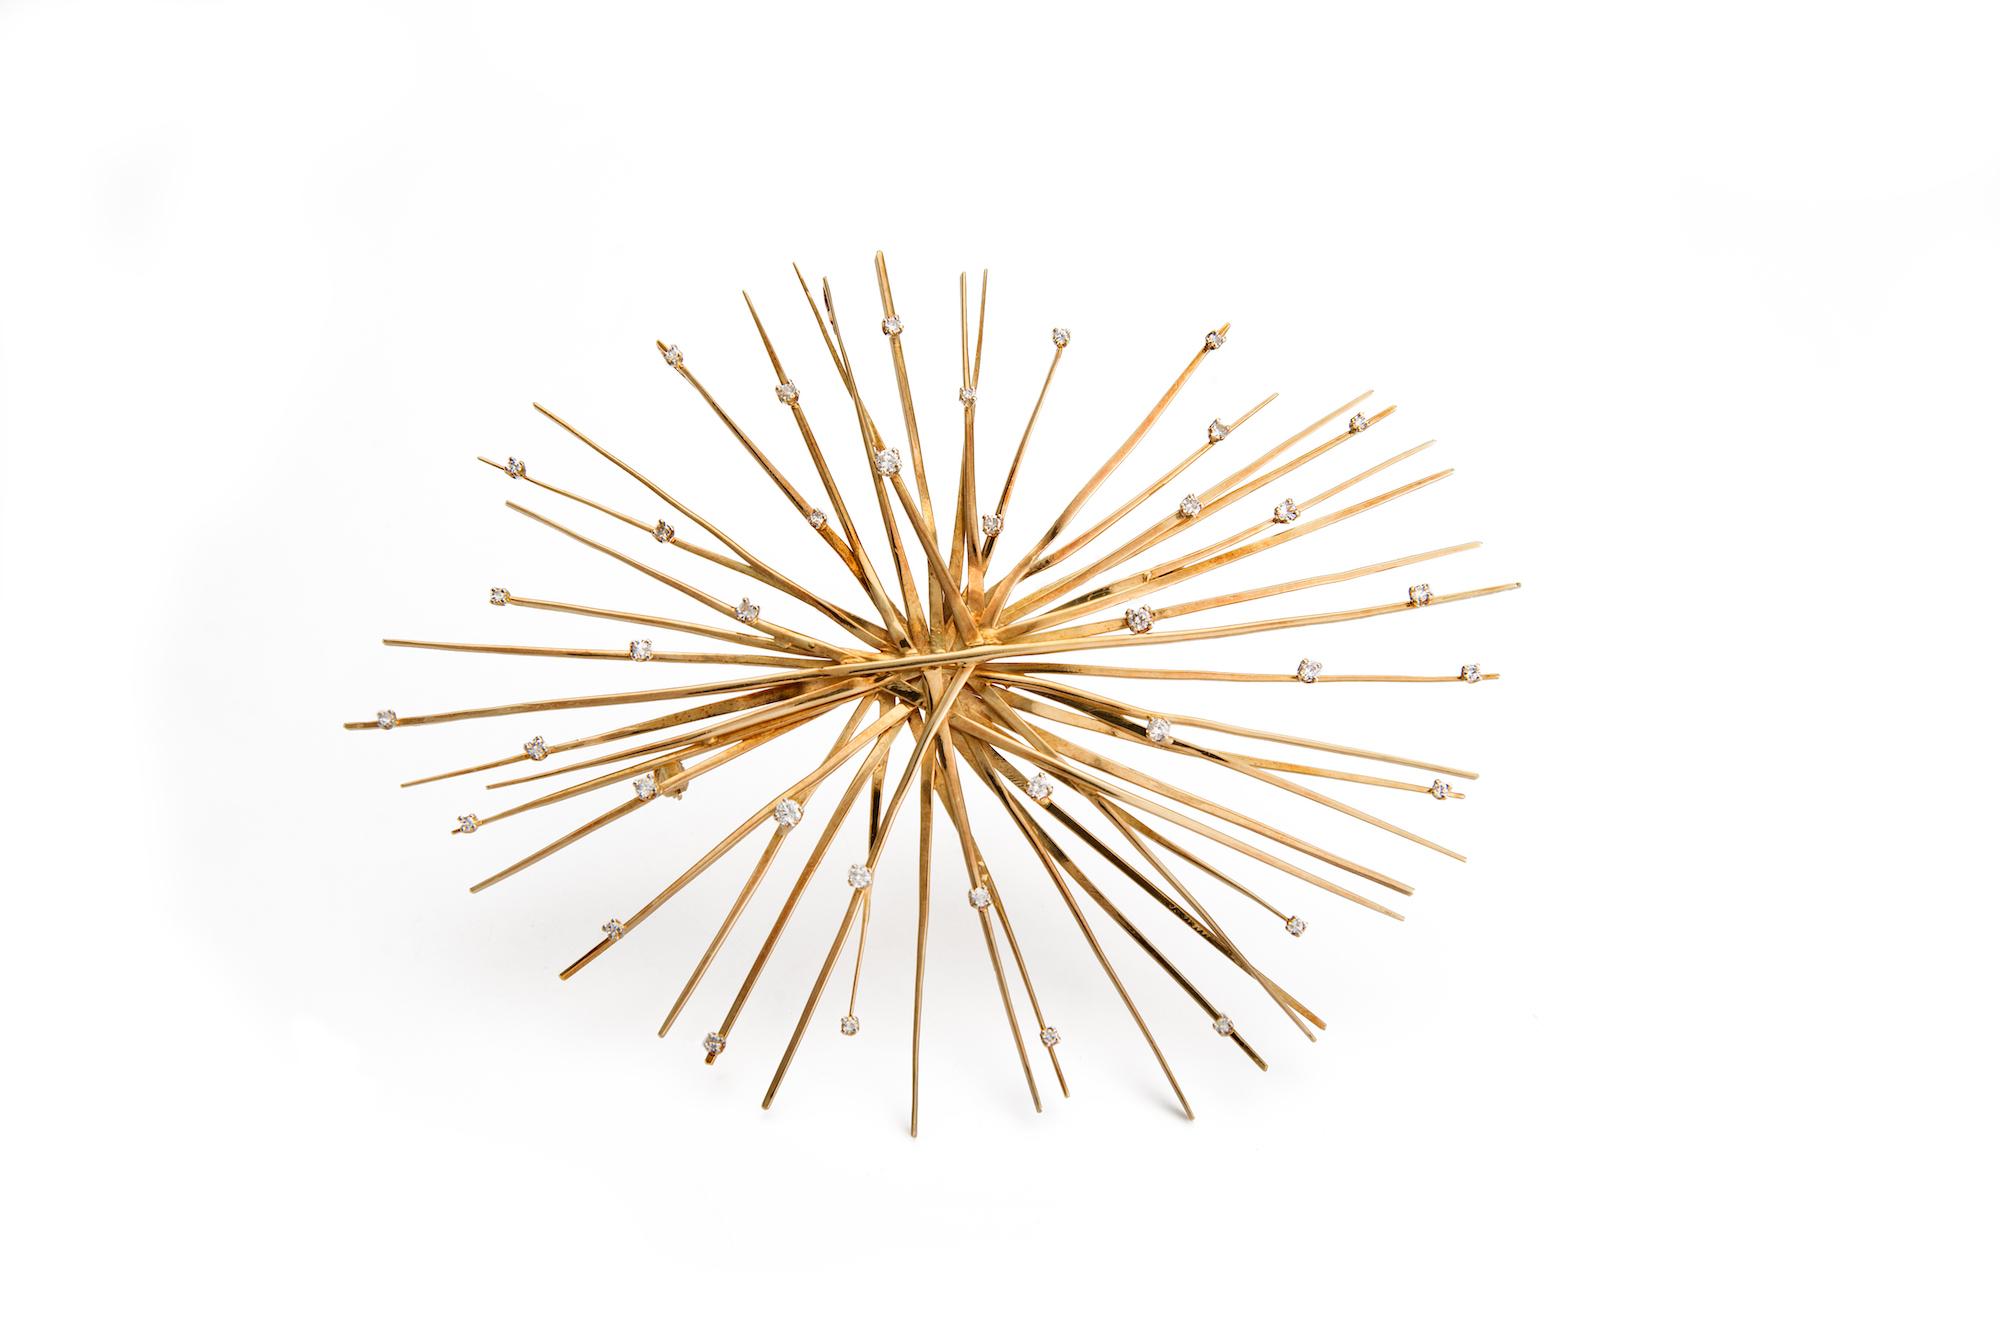 Goldbrosche in Sternform, mit Diamanten verziert